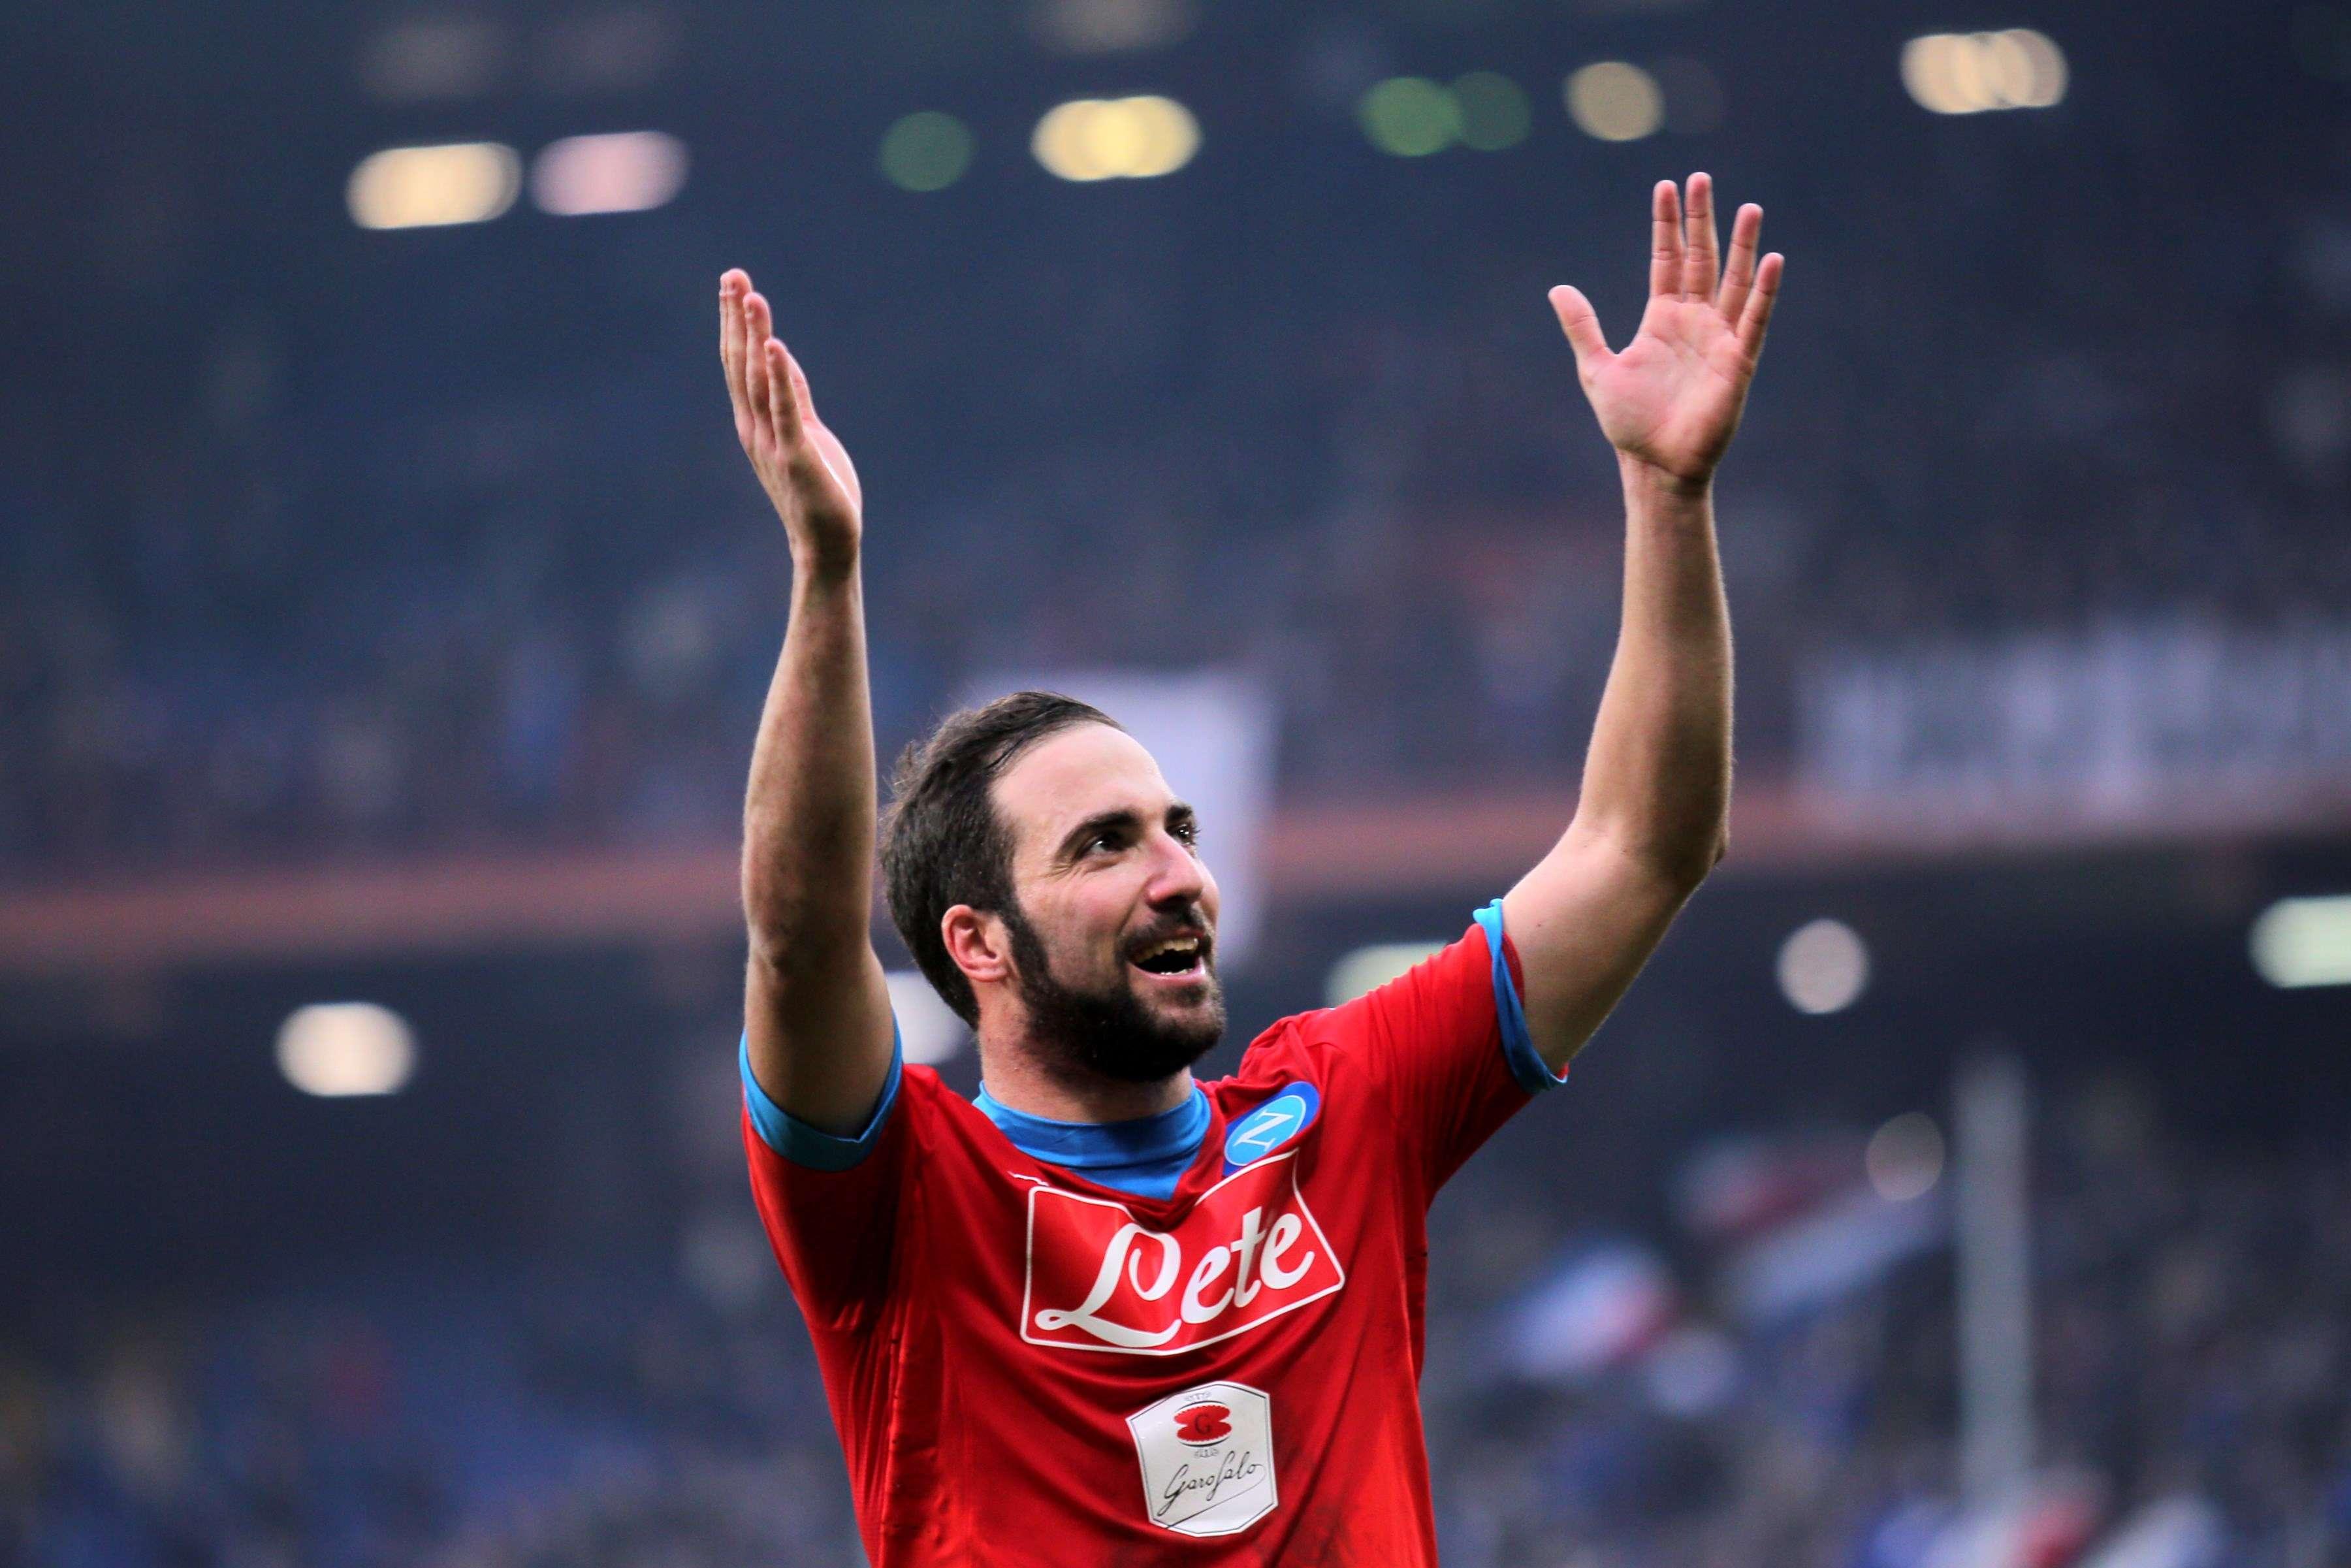 Gonzalo Higuain a encore marqué lors de la vingt-et-unième journée de Serie A. Naples s'impose 4à2 à Gênes face à la Sampdoria. Les Napolitains sont en tête, avec 47points.